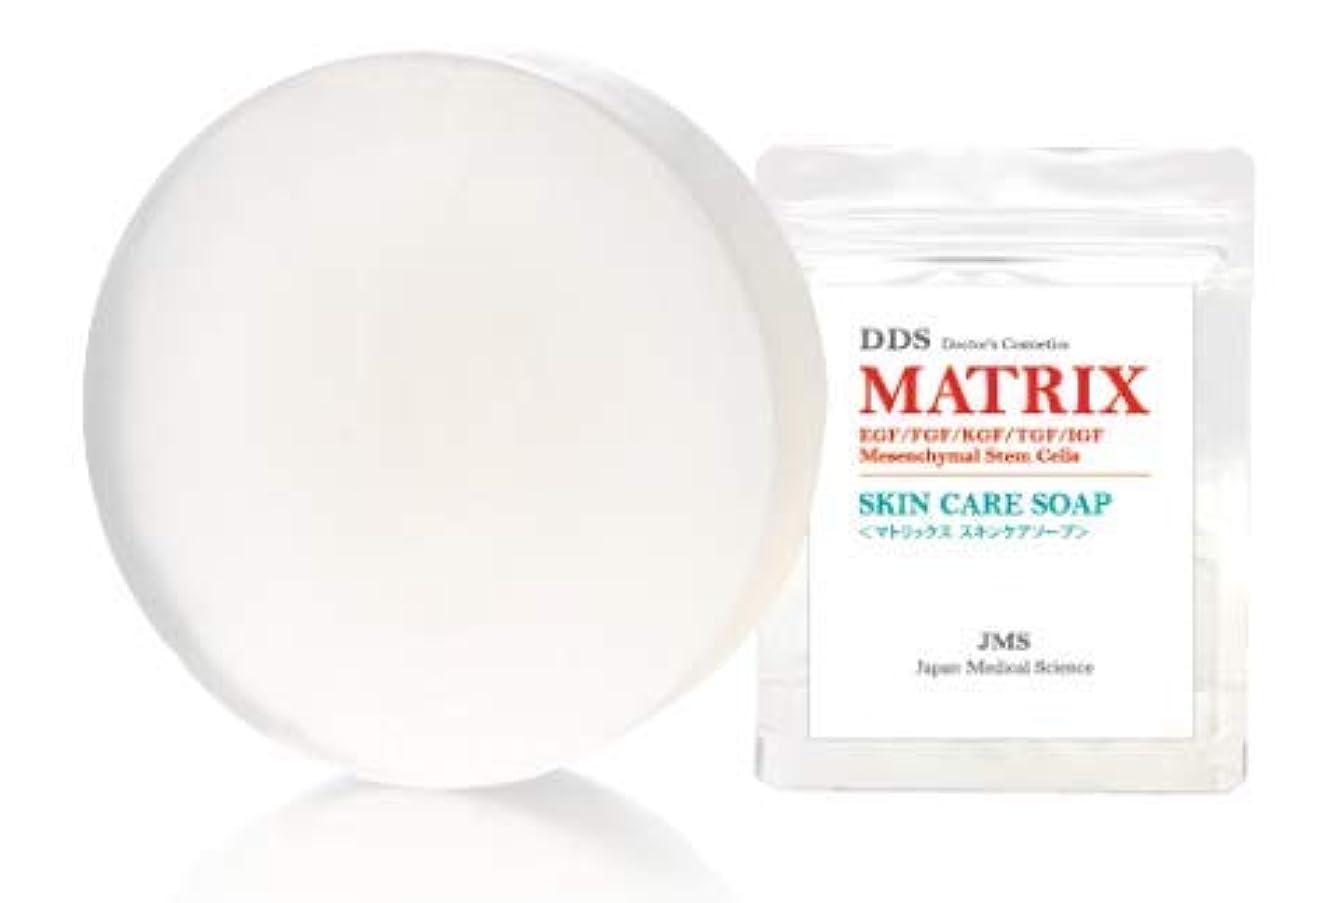 放散する動機配偶者DDS MATRIX SKIN CARE SOAP(マトリックス スキンケア ソープ)80g 洗顔石鹸 全身にも